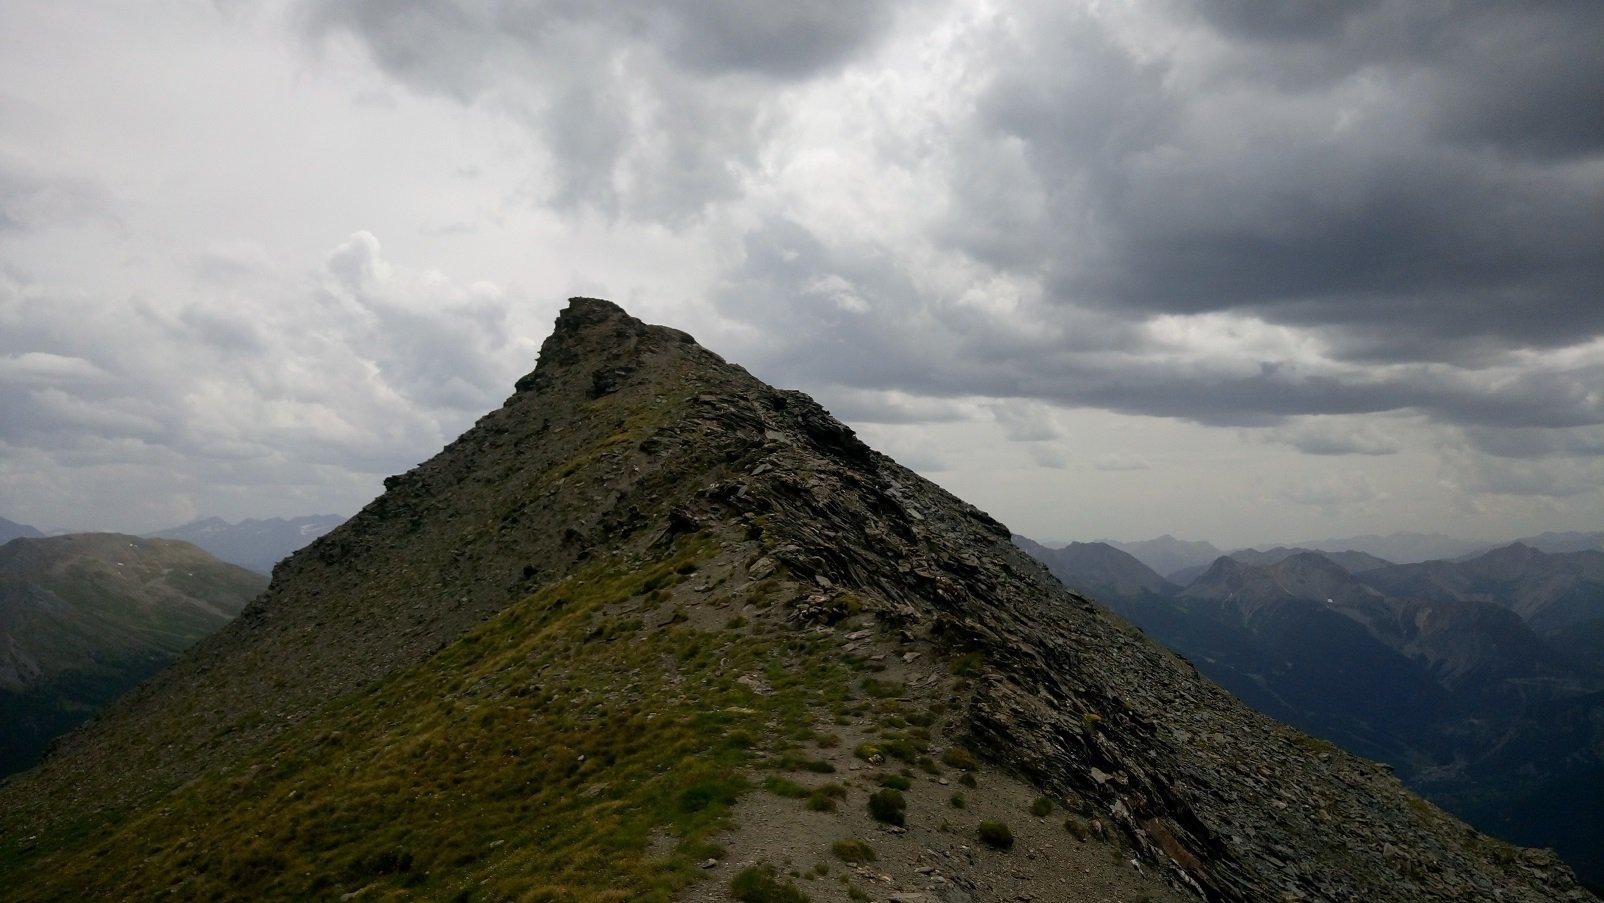 Vista dal Colle alla punta roccia verde